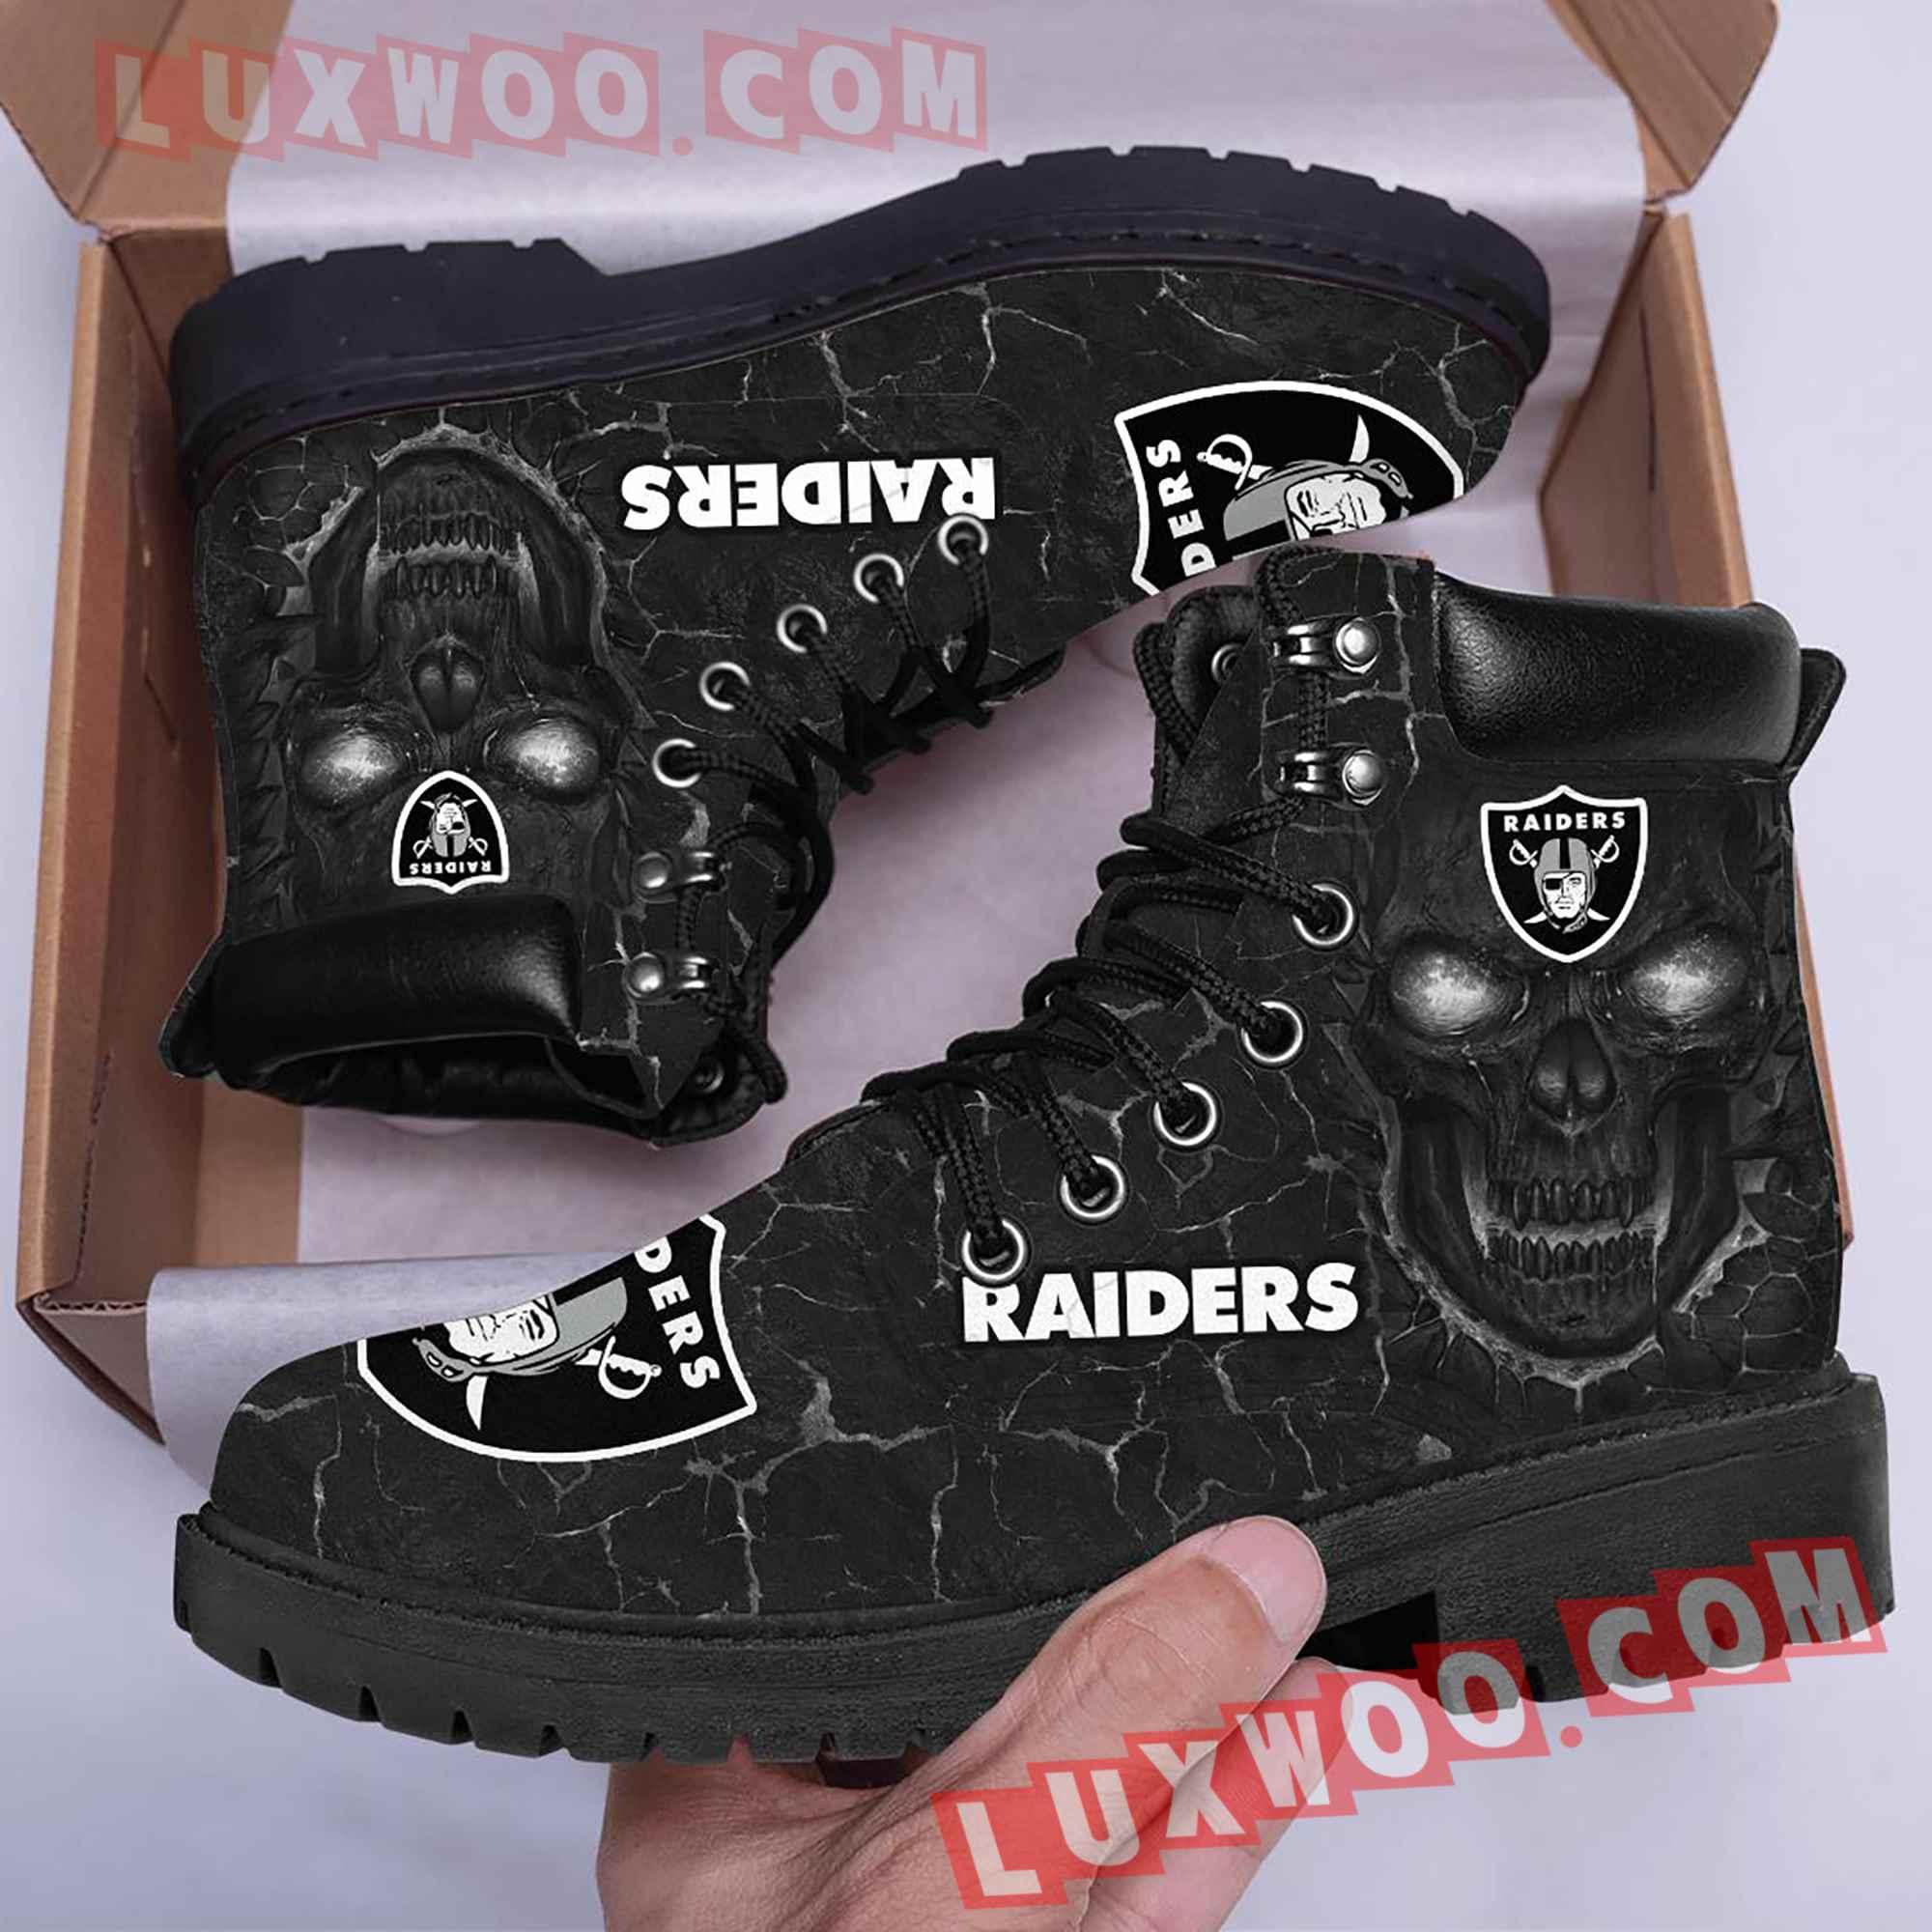 Oakland Raiders Nfl Season Boots Shoes V2